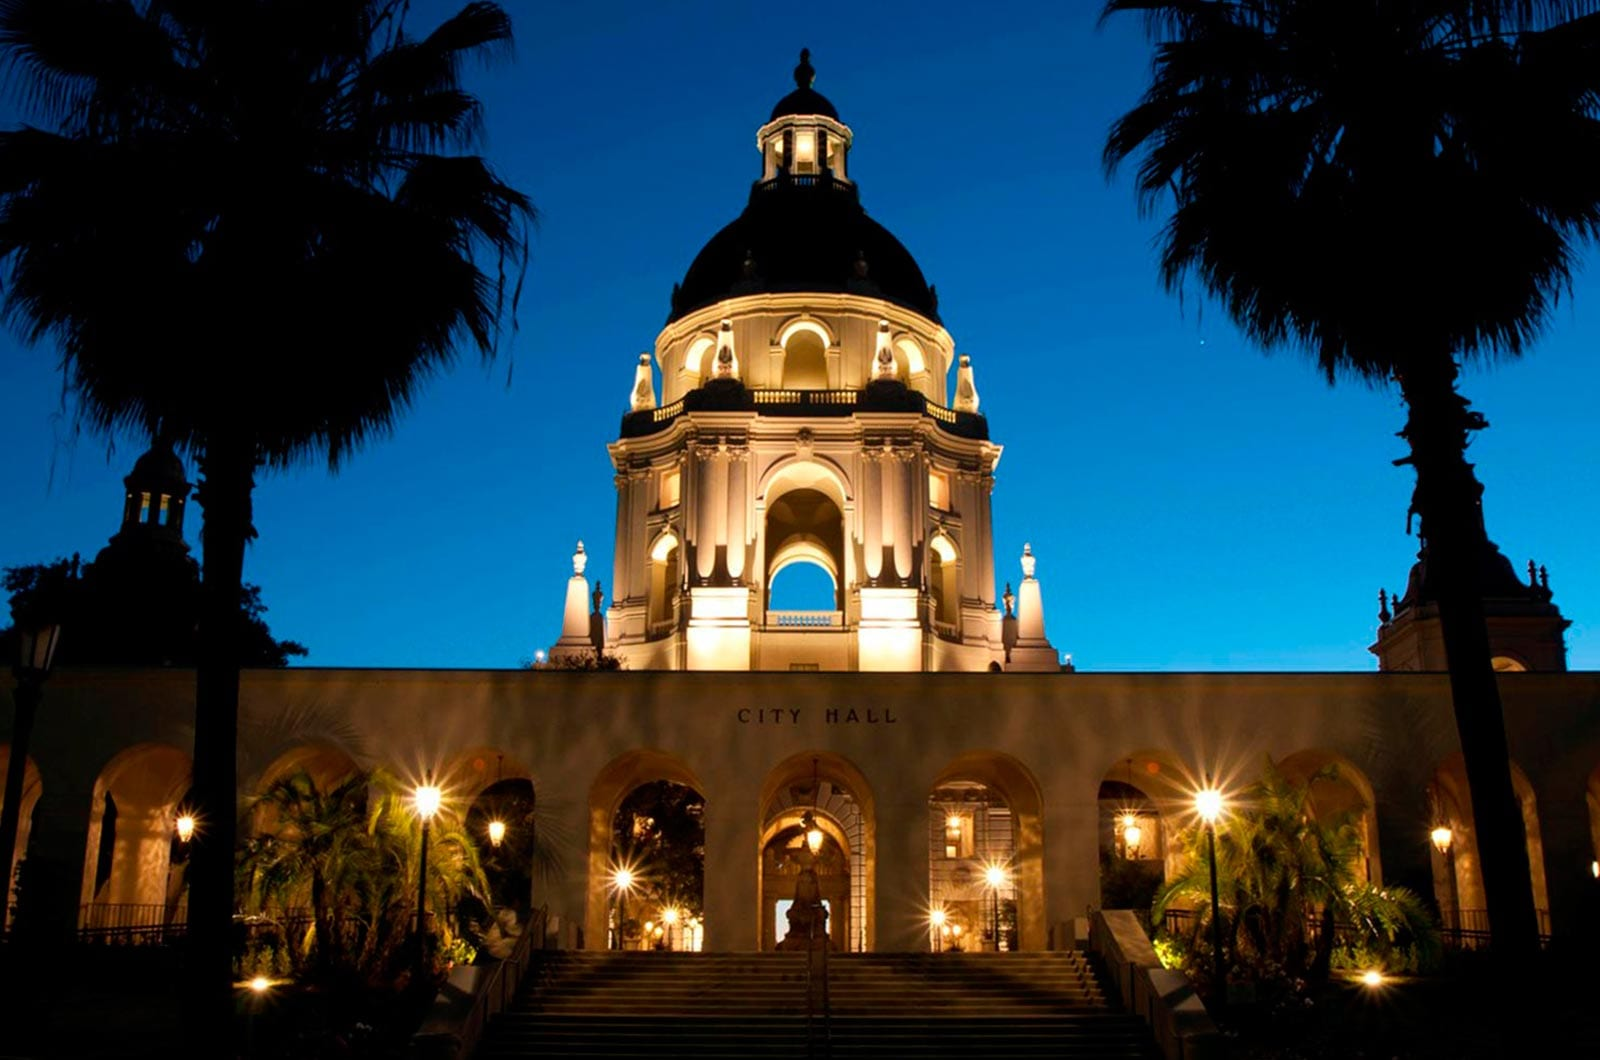 Featured-Image-Pasedena-CA |Pasadena Tour Photographer | Pasadena Aerial Photography Services | Pasadena HDR Real Estate Photographer